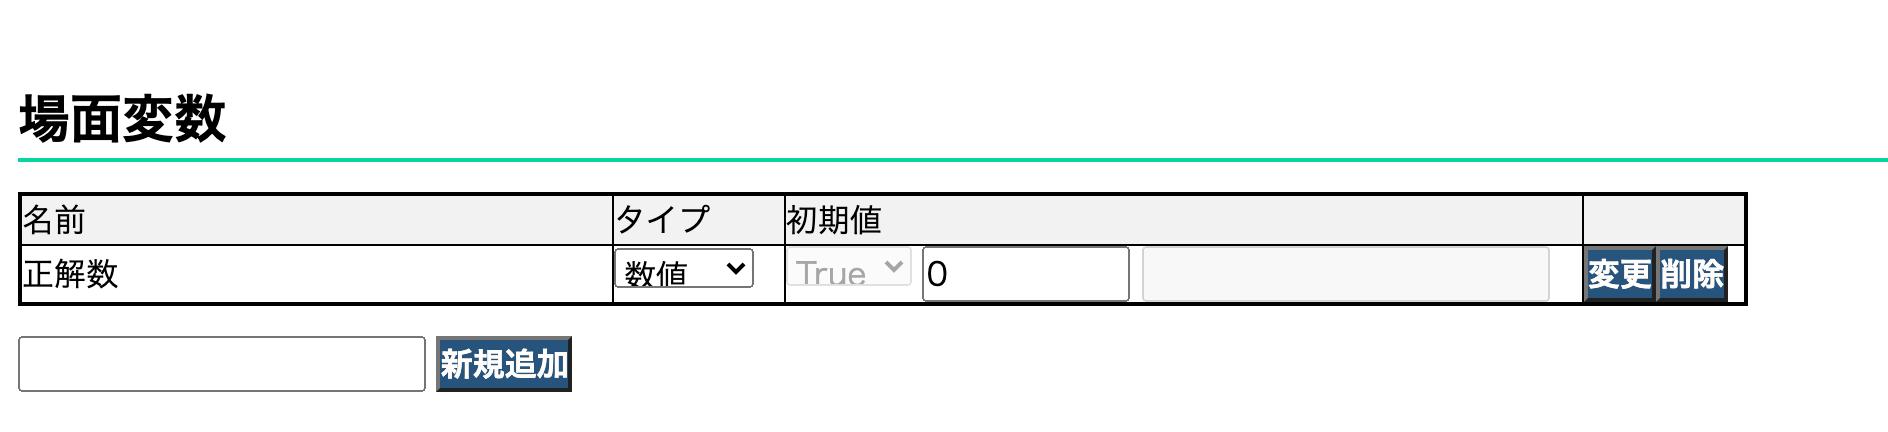 スクリーンショット 2020-06-28 09.53.41.png